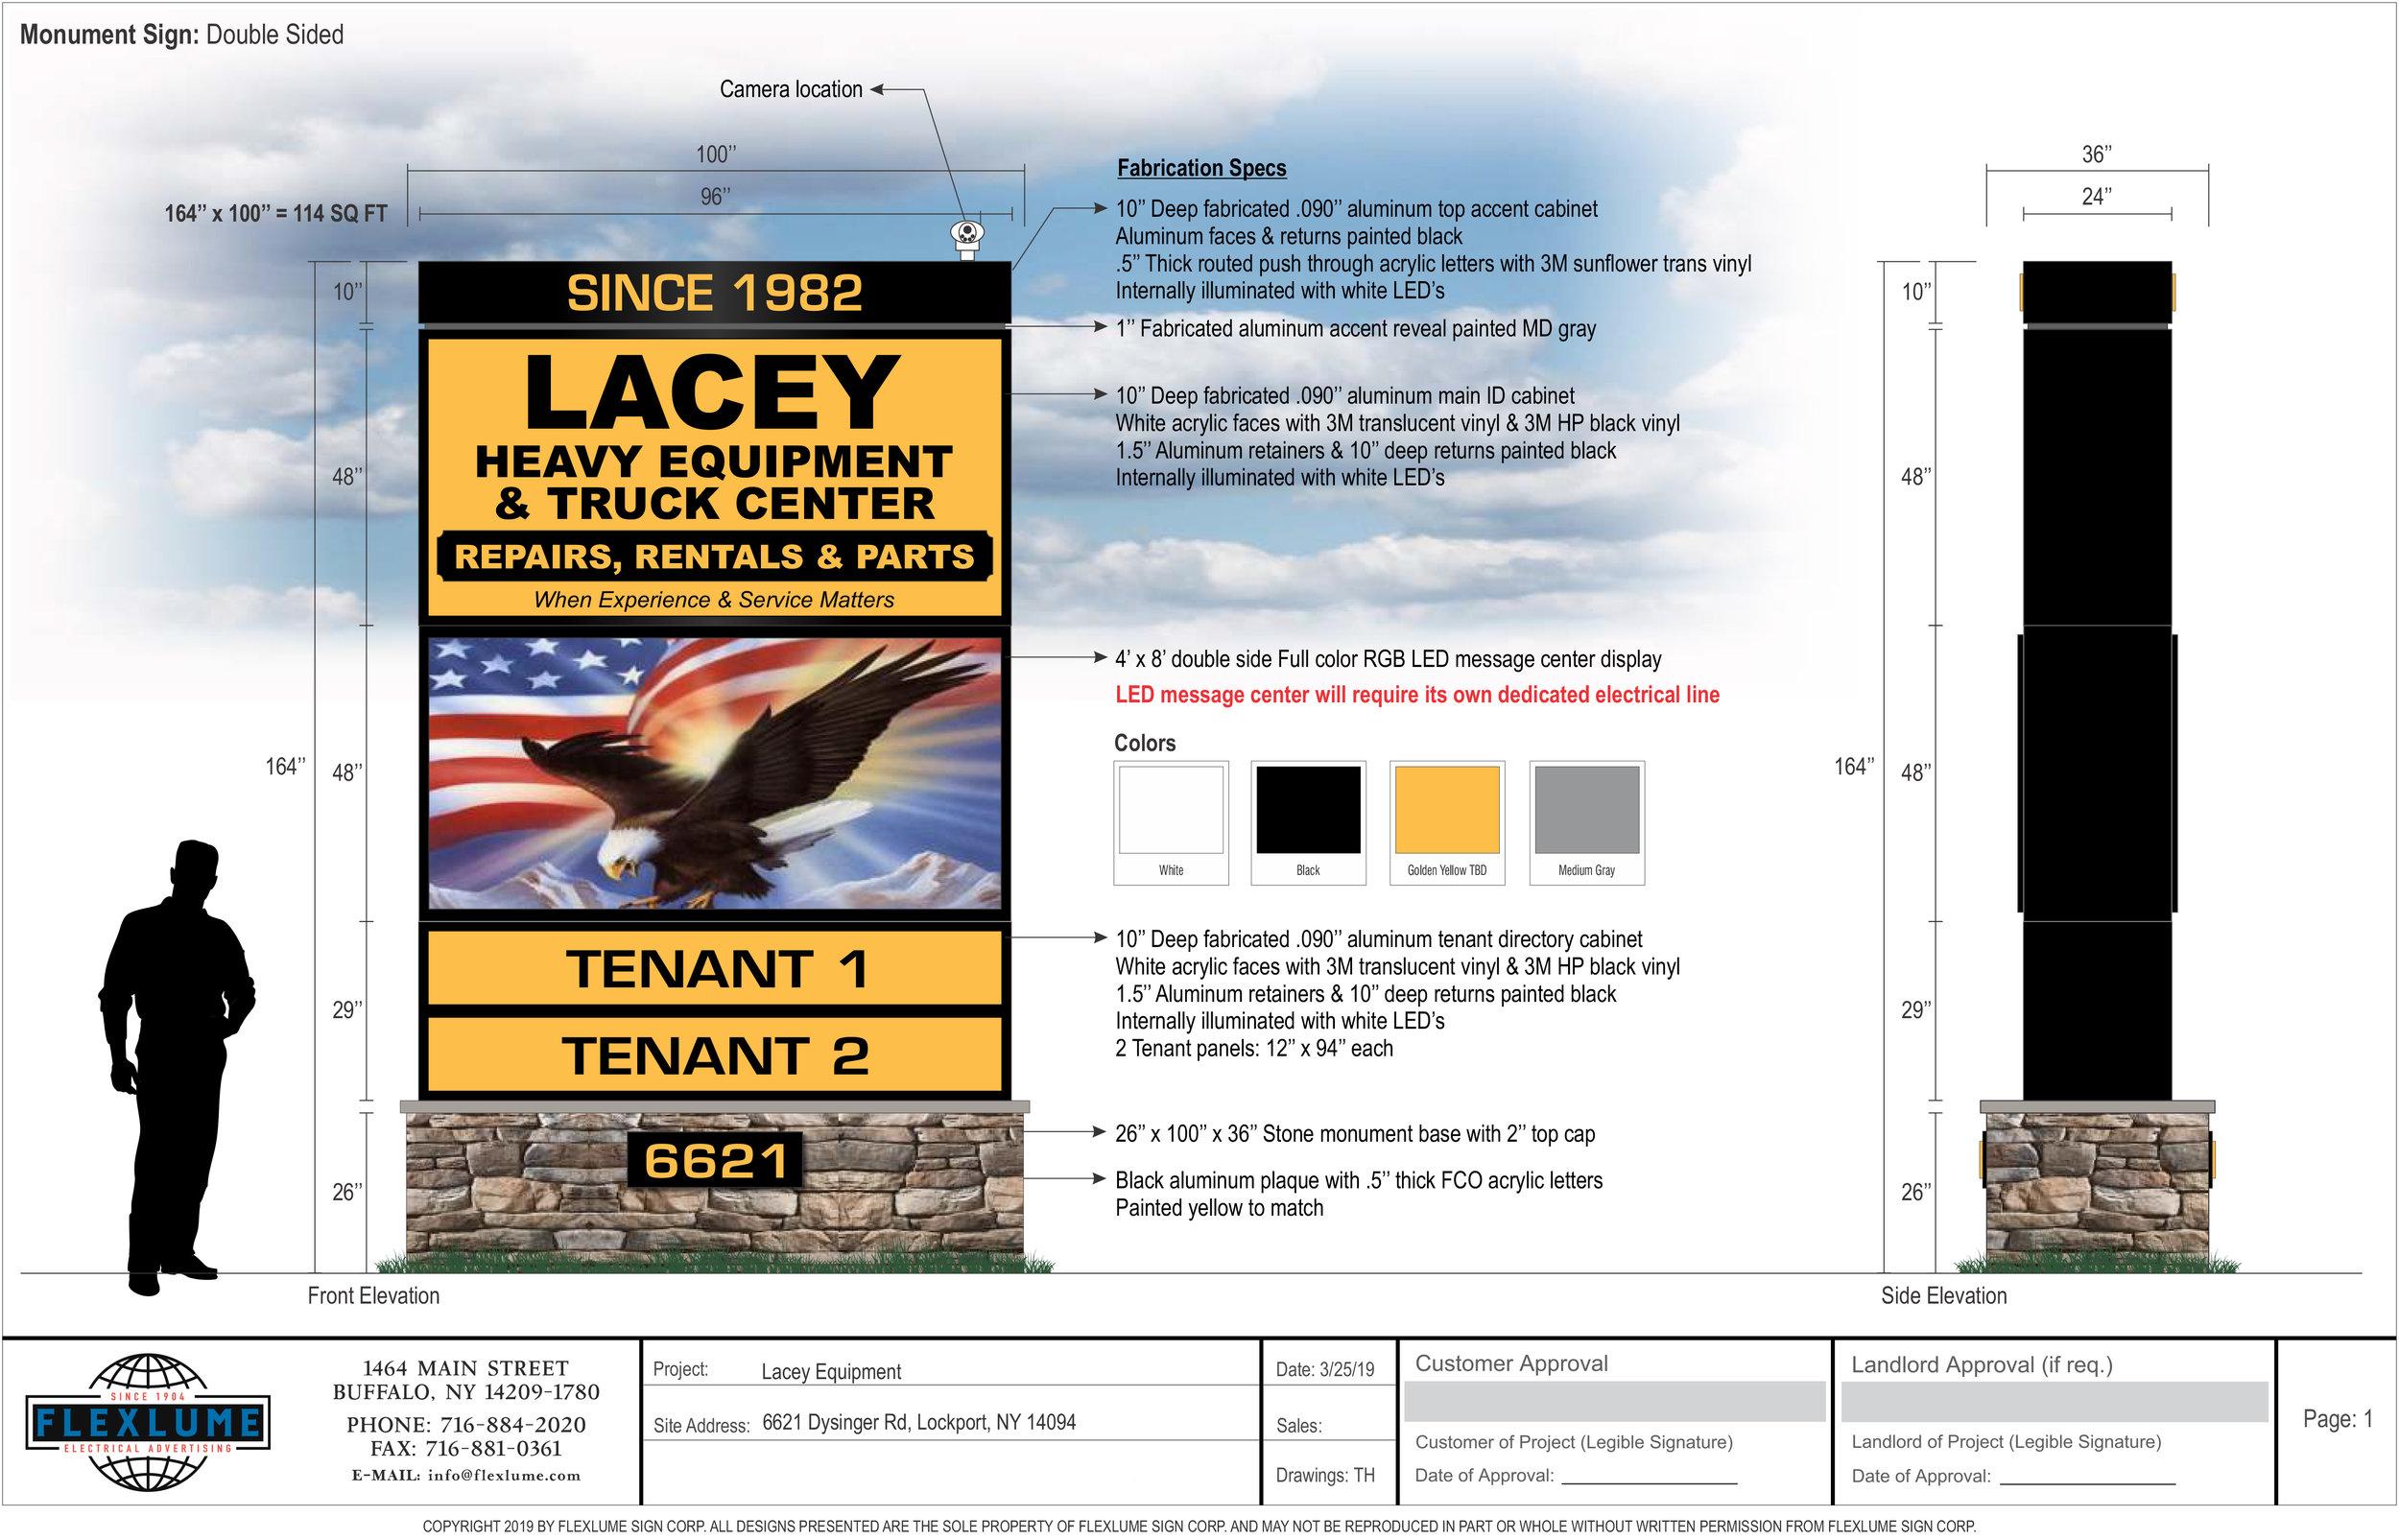 Lacey_Equipment_R4_Final-2.jpg